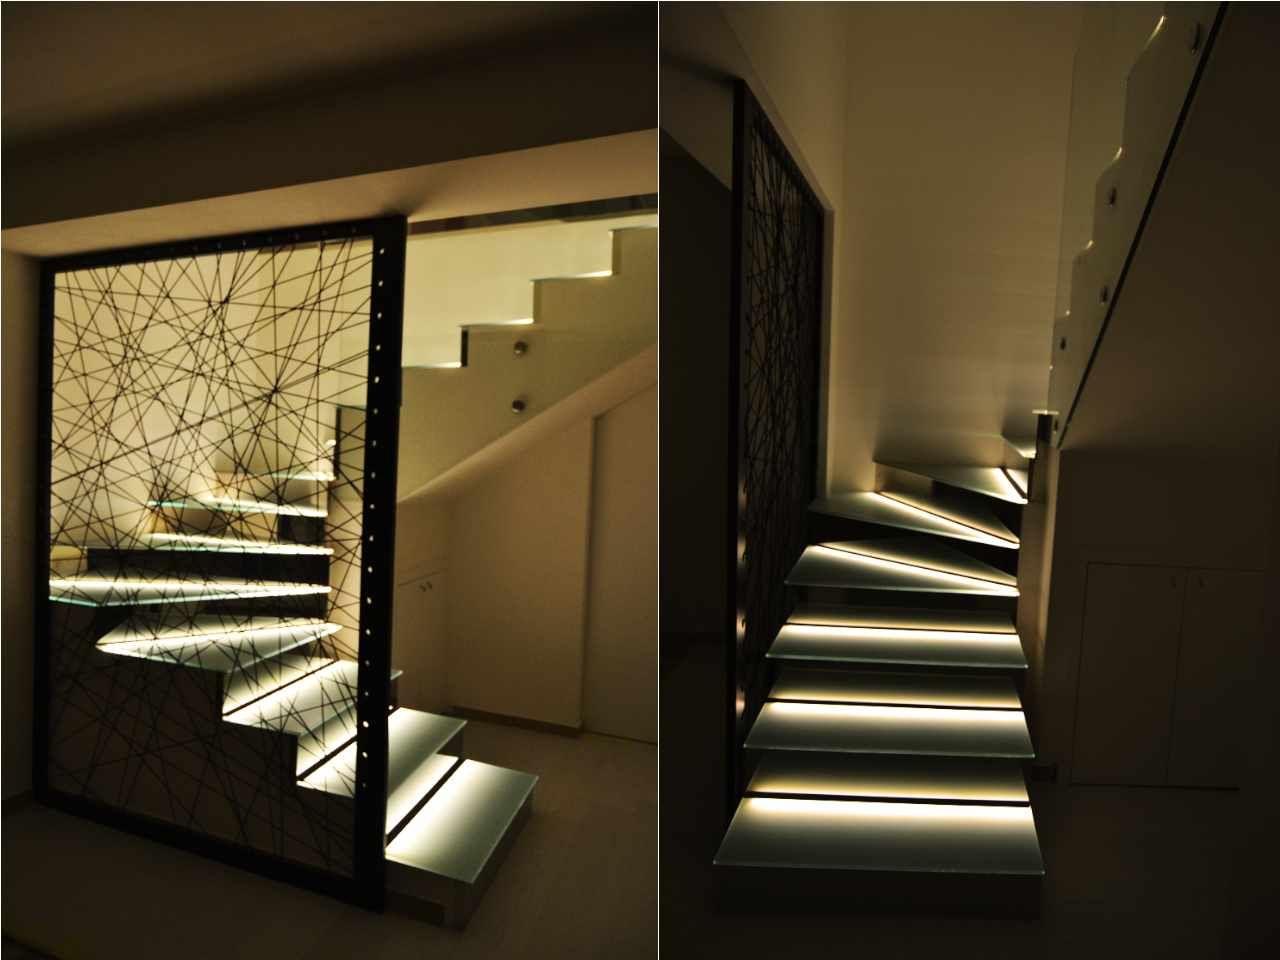 delle scale illuminate creativamente con strisce led